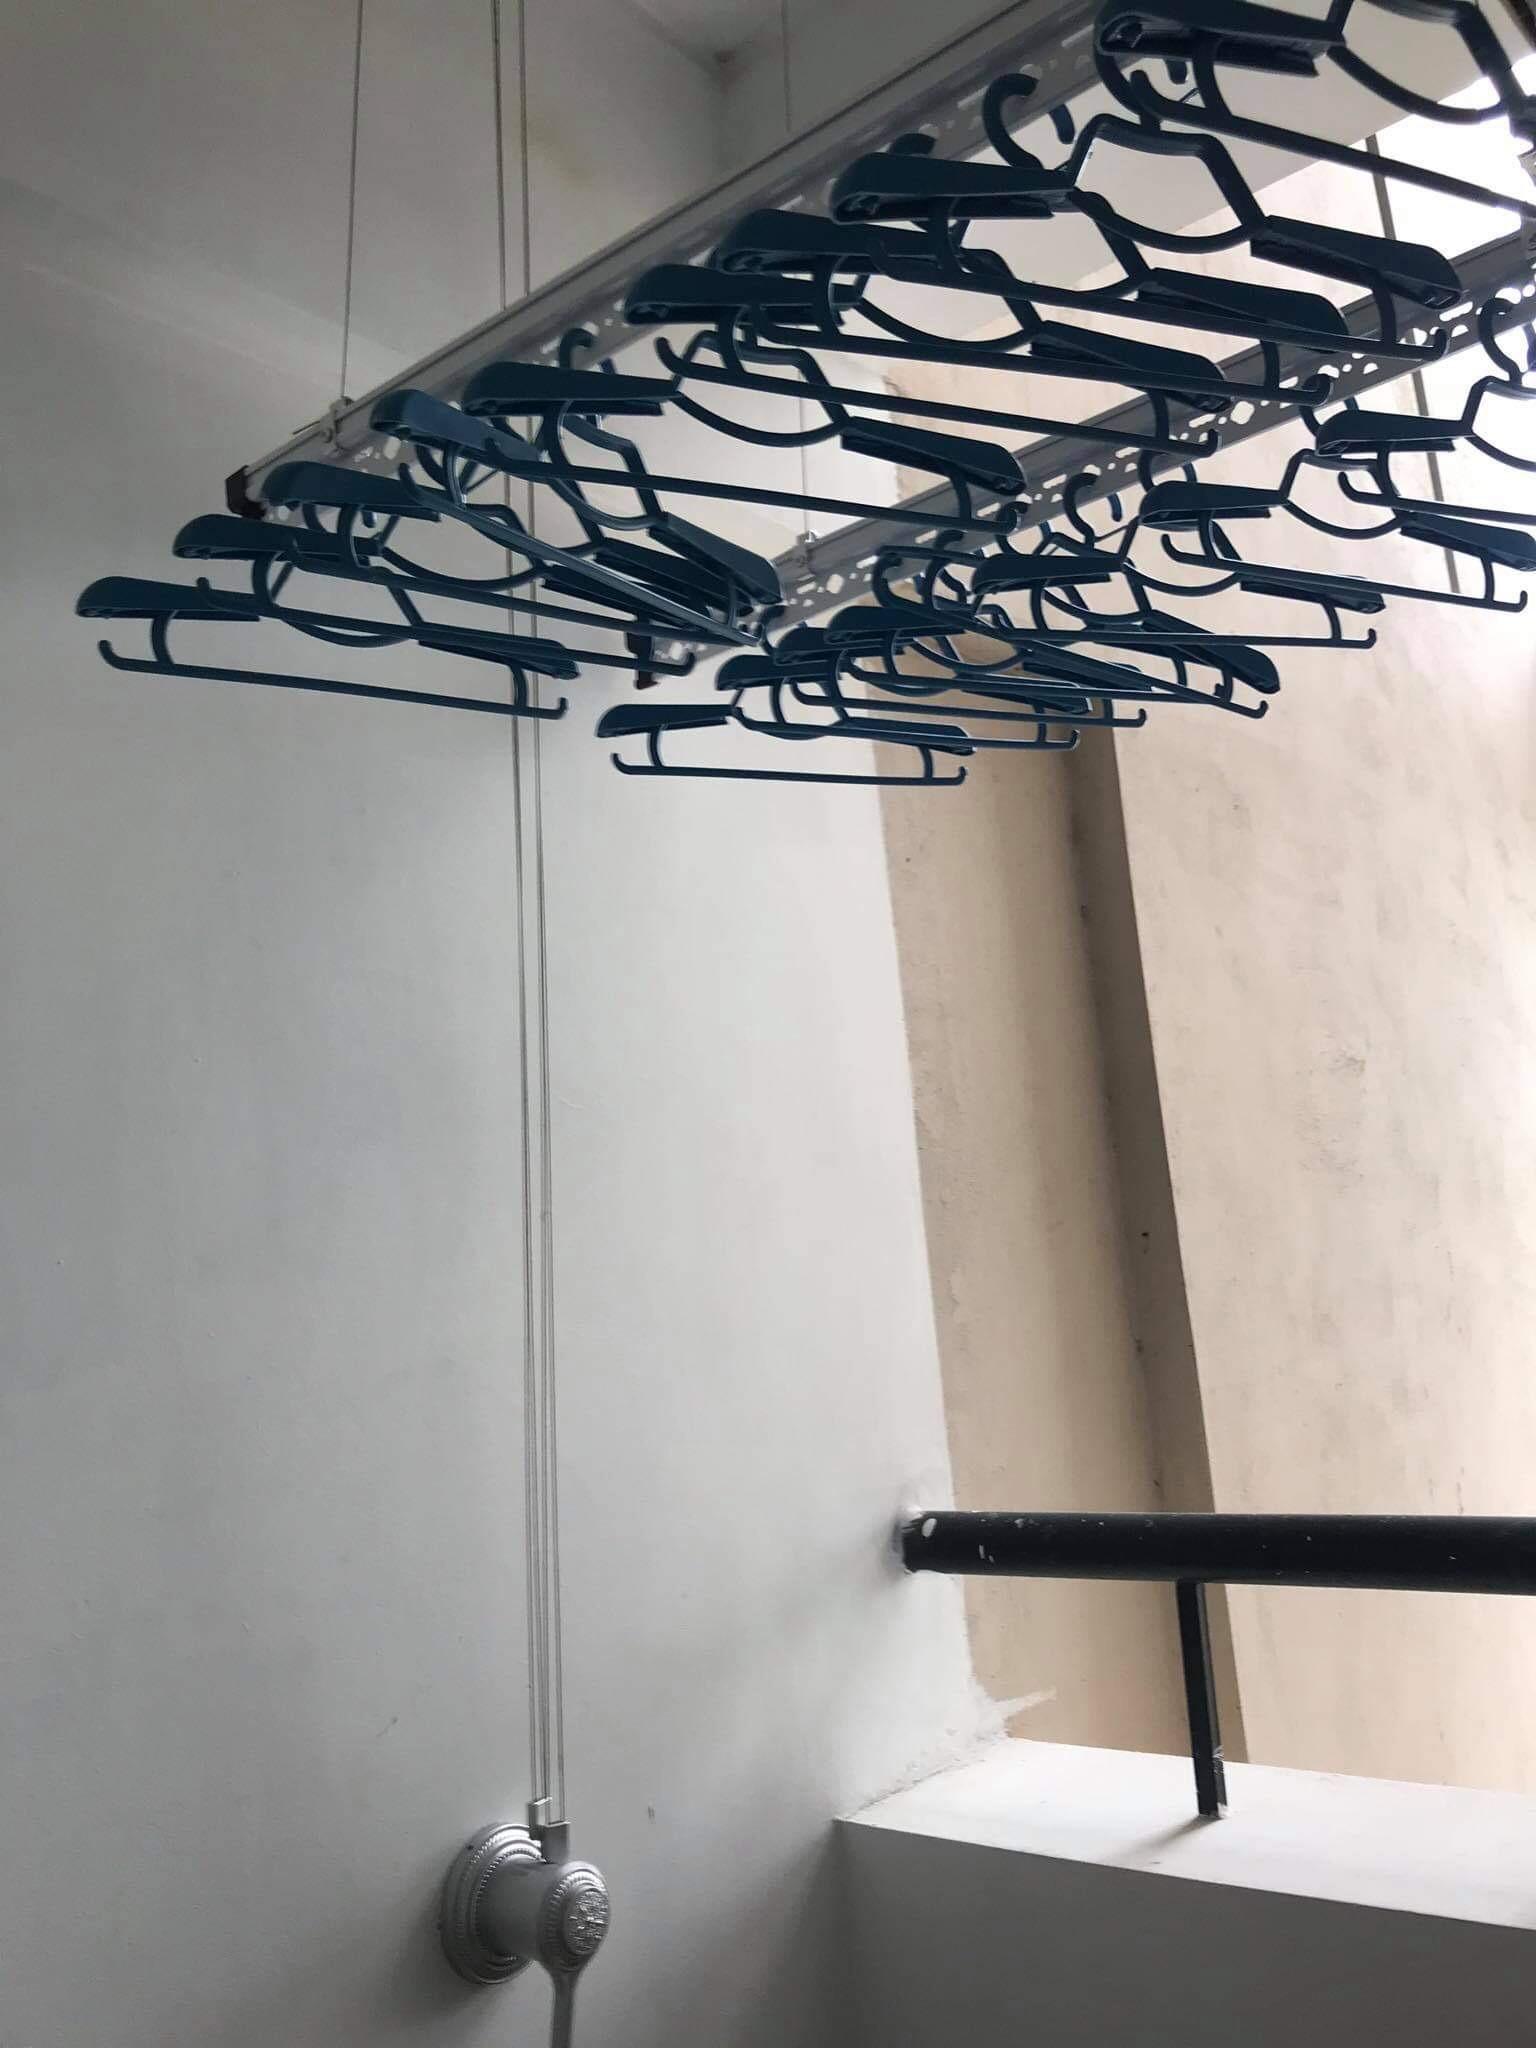 Lắp giàn phơi thông minh tại KĐT Sài Đồng, Long Biên nhà chị Lệ - 02